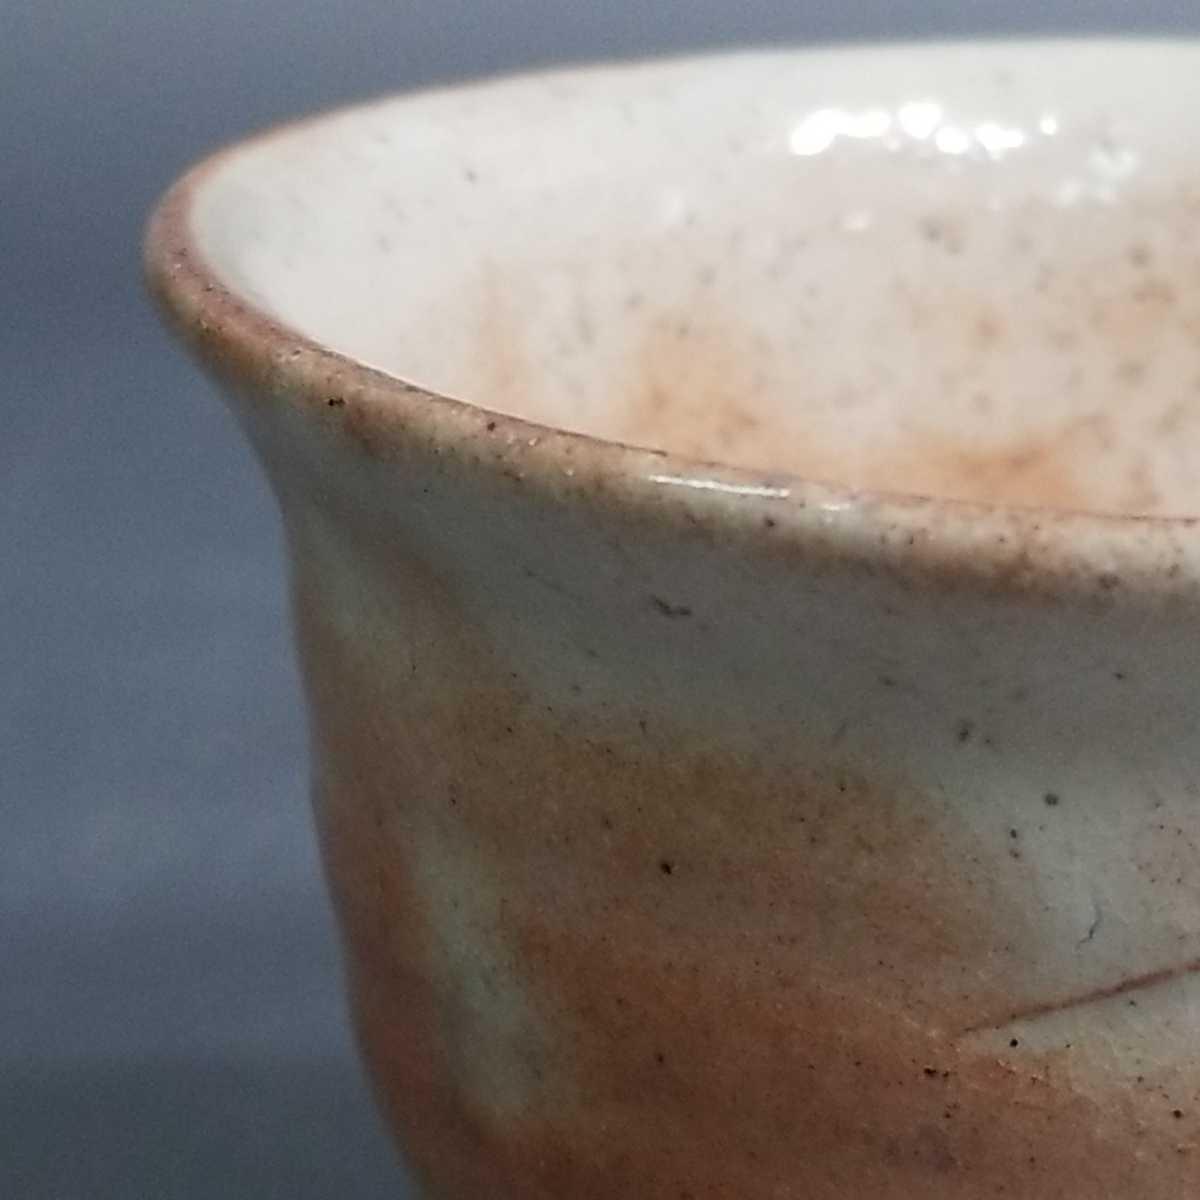 緒59)萩焼 渋谷泥詩 見島コーヒーカップ マグカップ 珈琲器 茶器 未使用新品 同梱歓迎_画像10